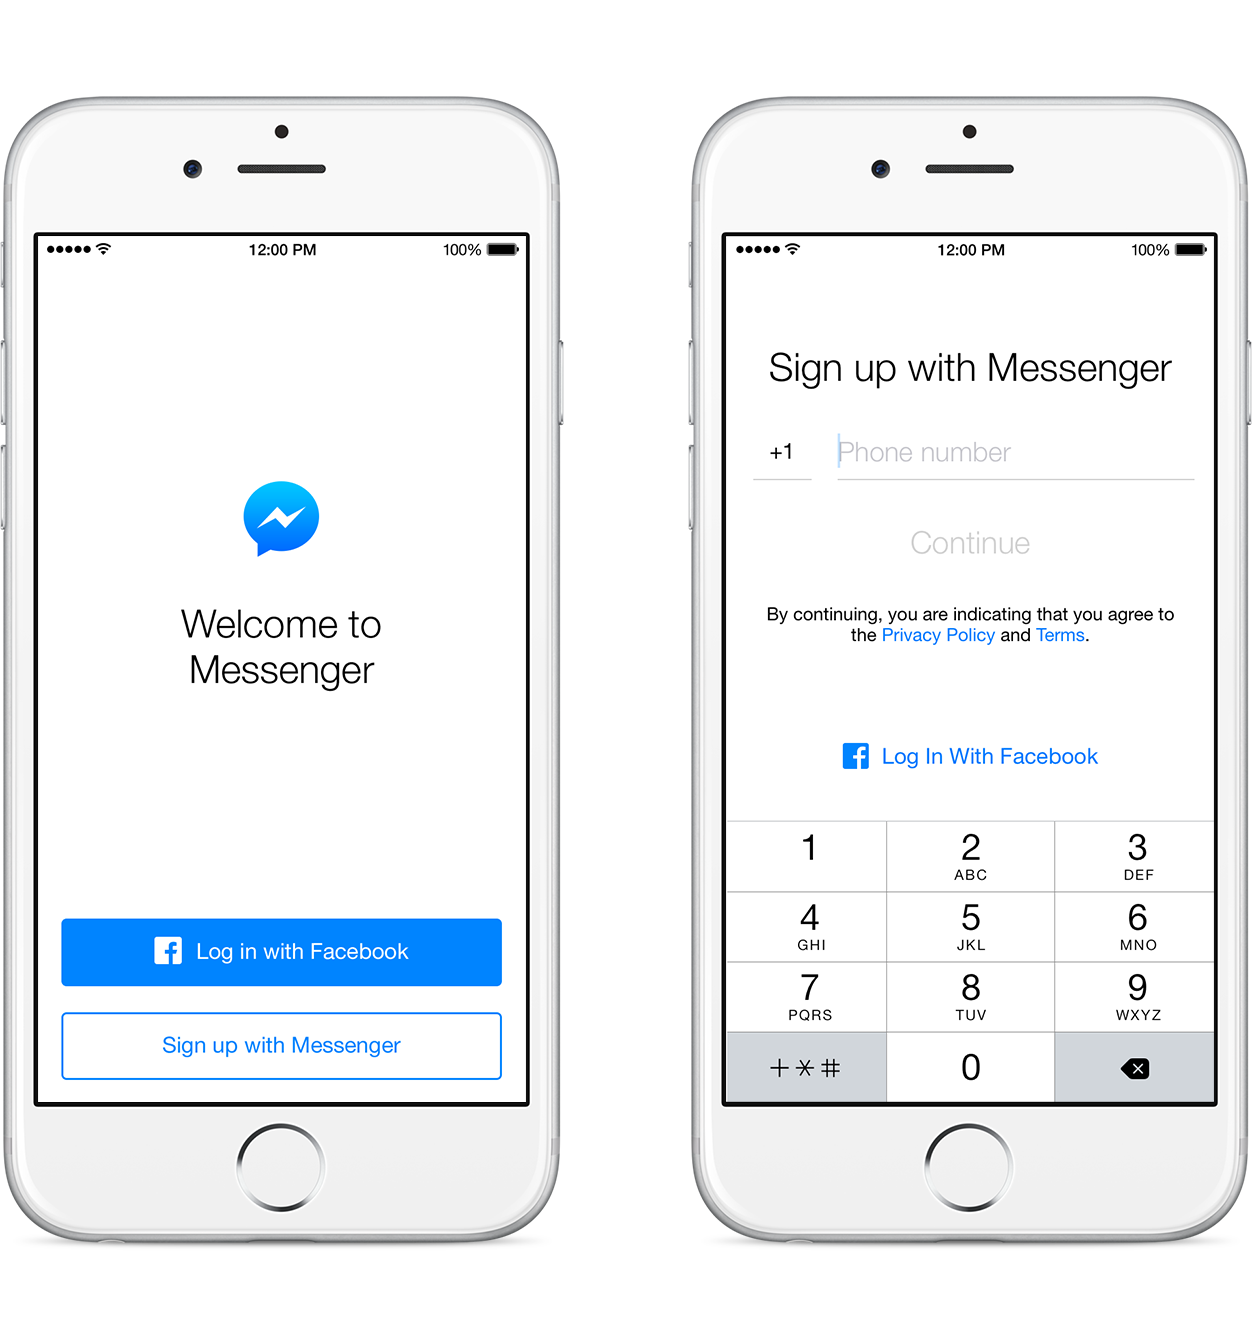 Messenger Sign Up iOS